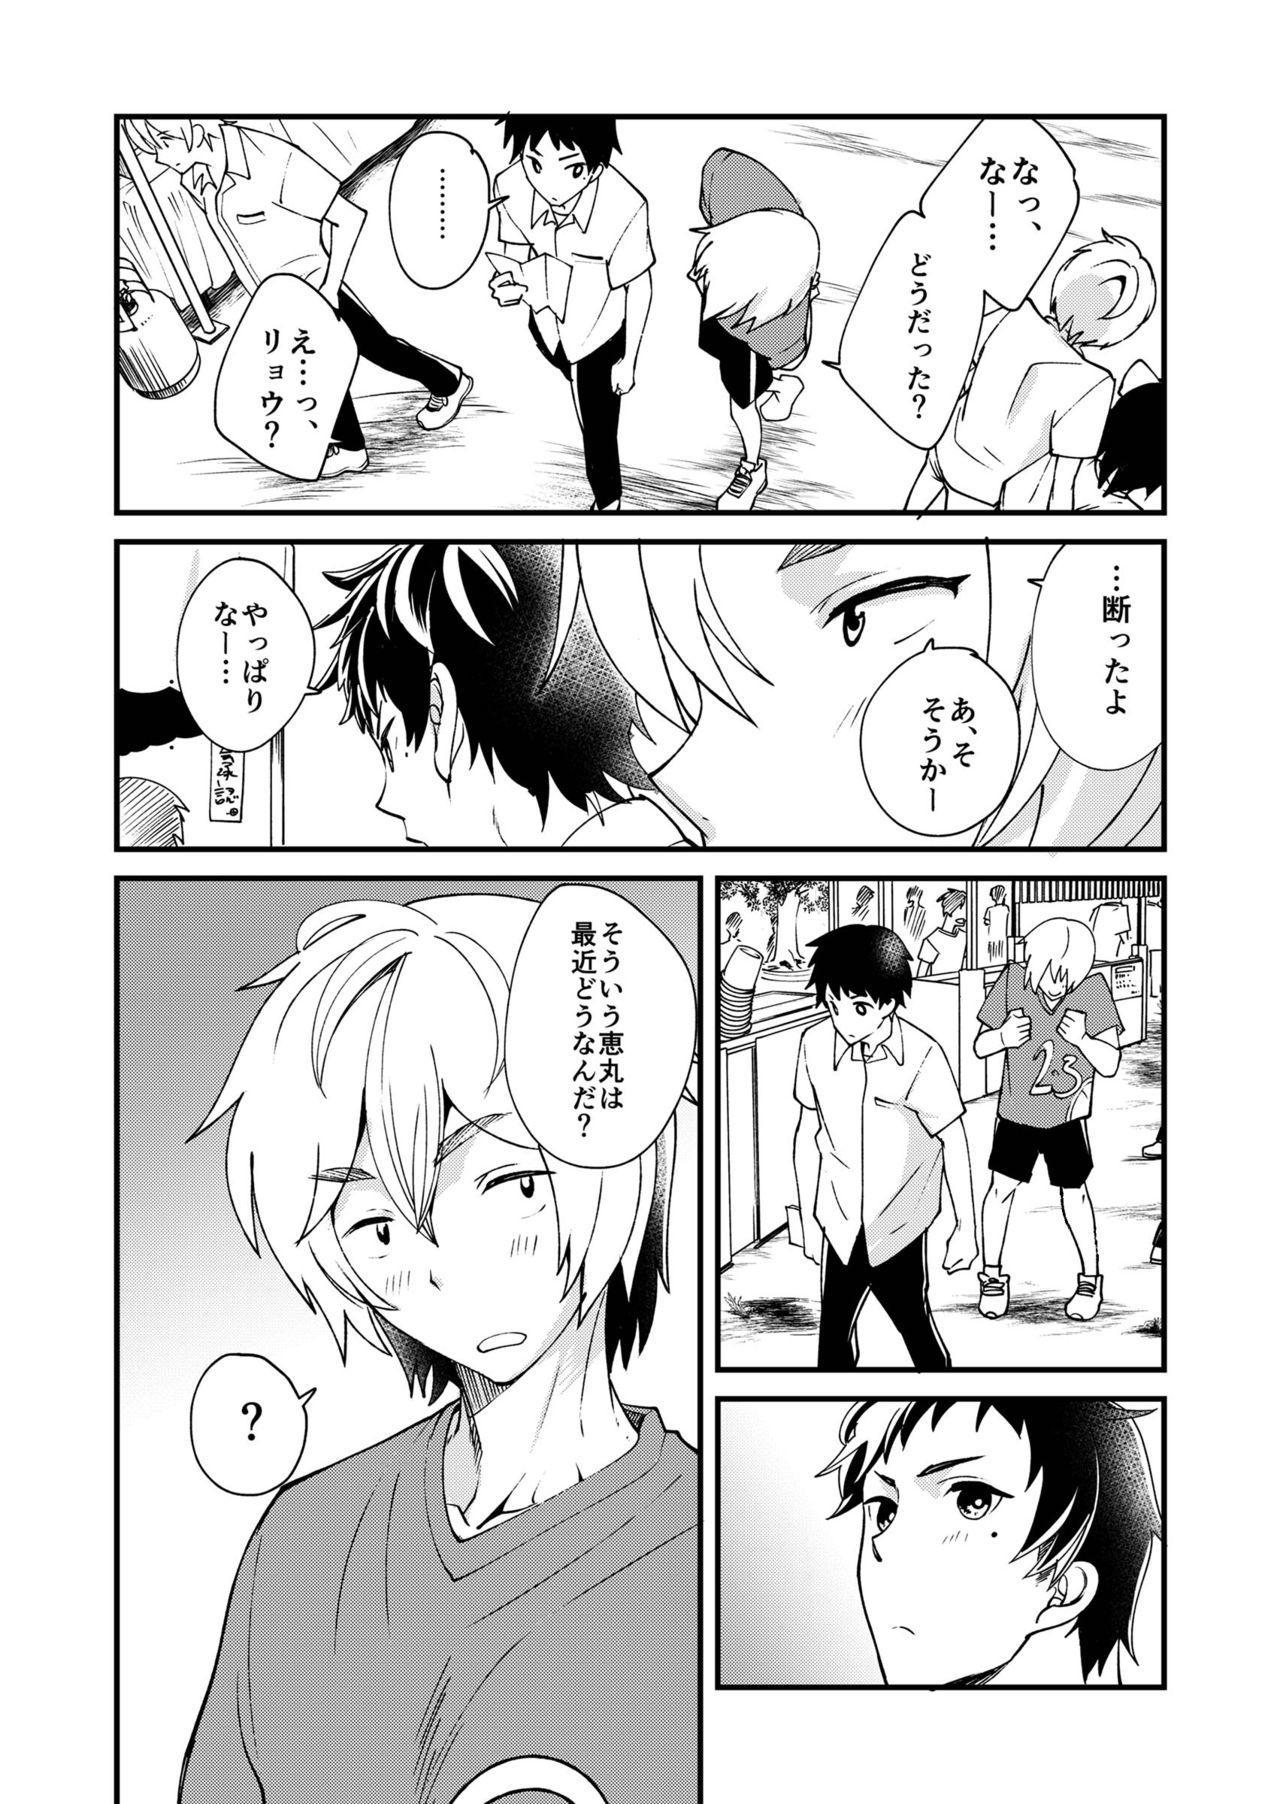 Emaru-kun ga Ienai Koto 29